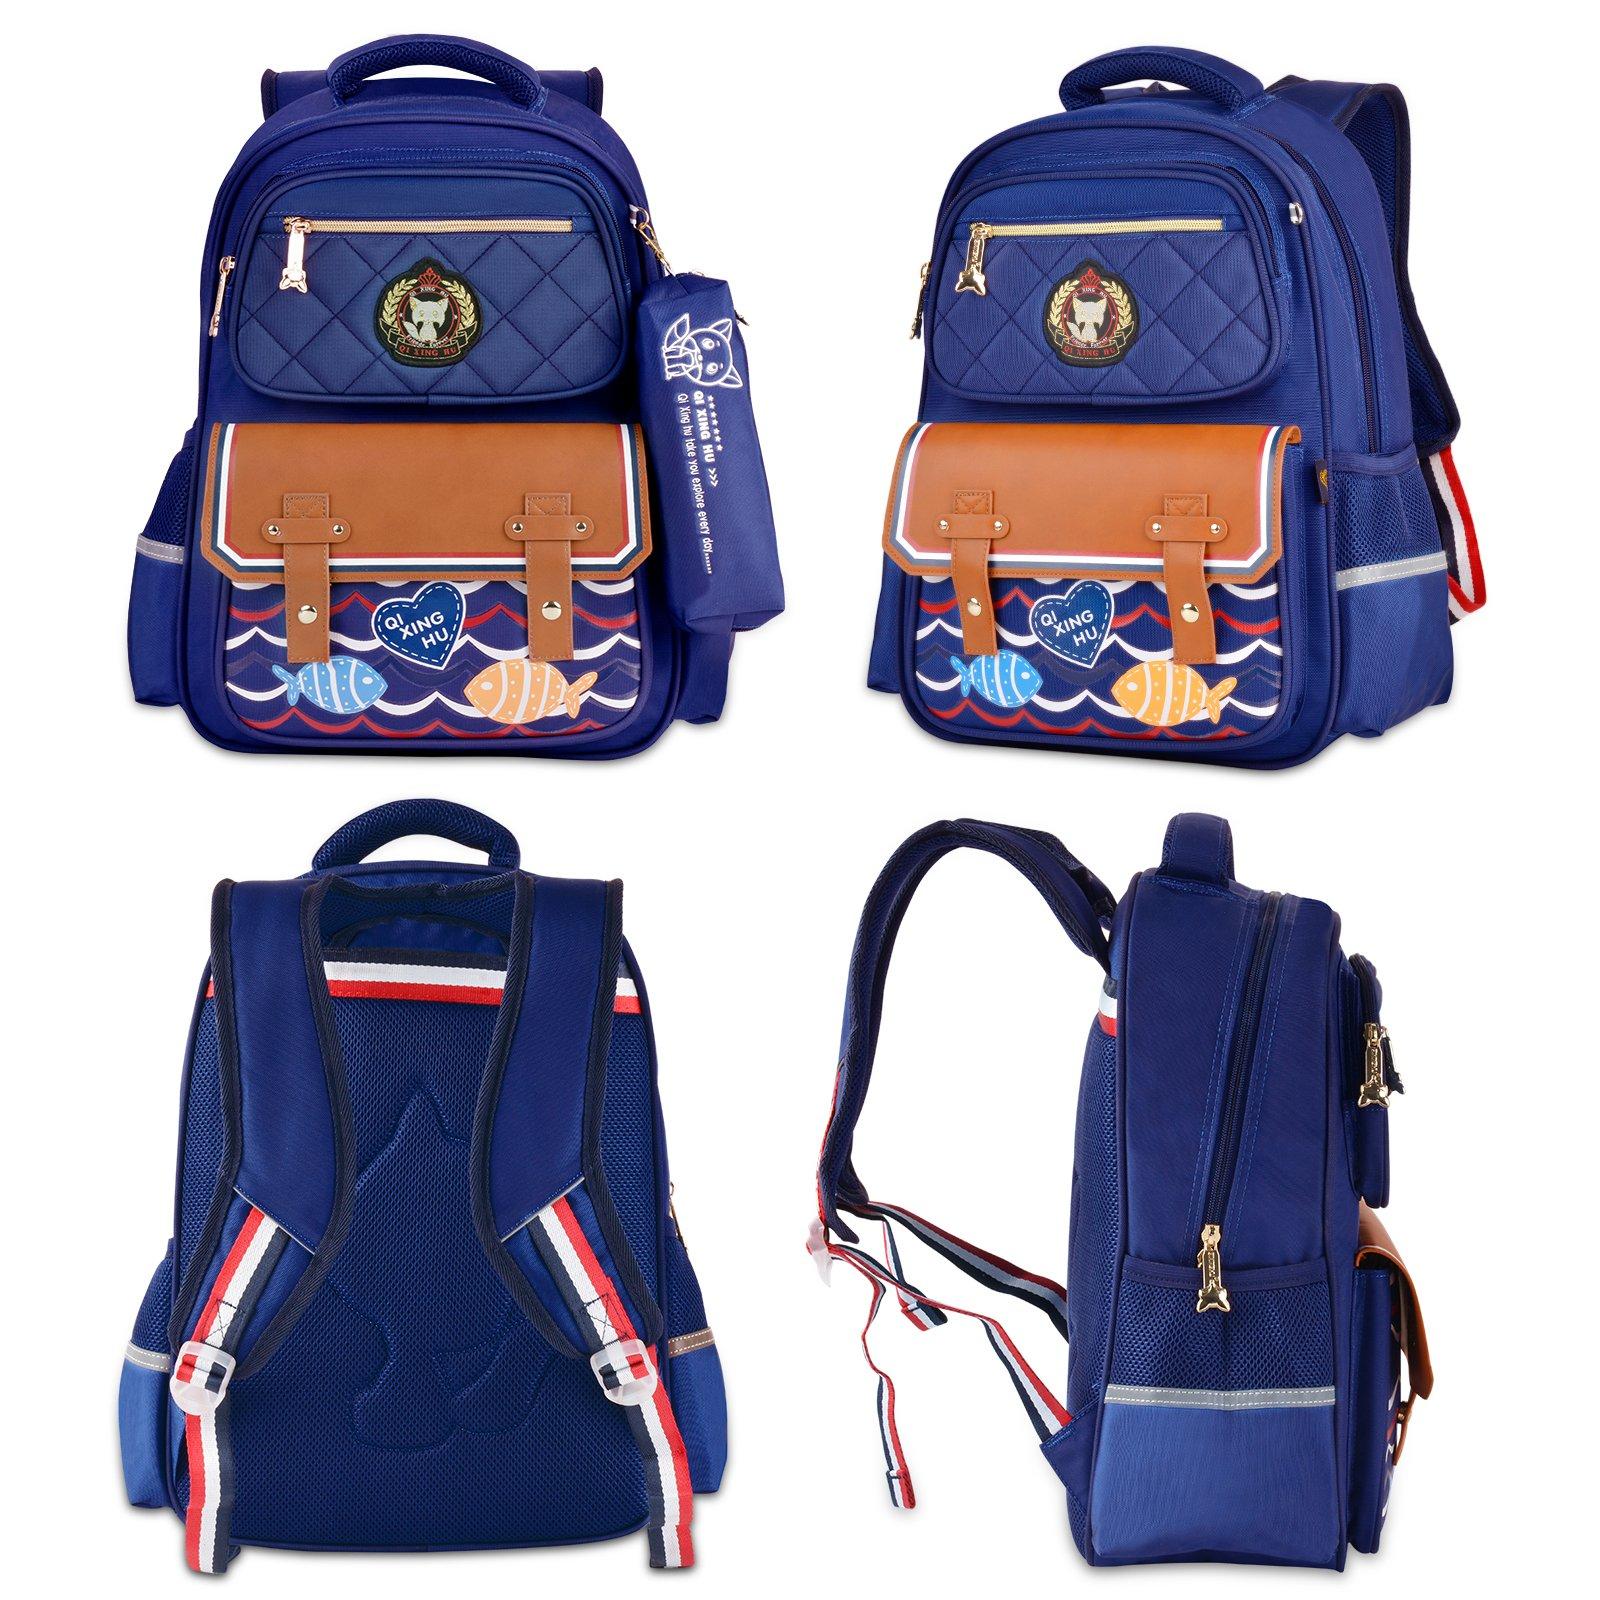 Boys Backpacks, Bageek Backpacks for School Backpack Kid School Bags for Boys Childrens Backpack by Bageek (Image #3)